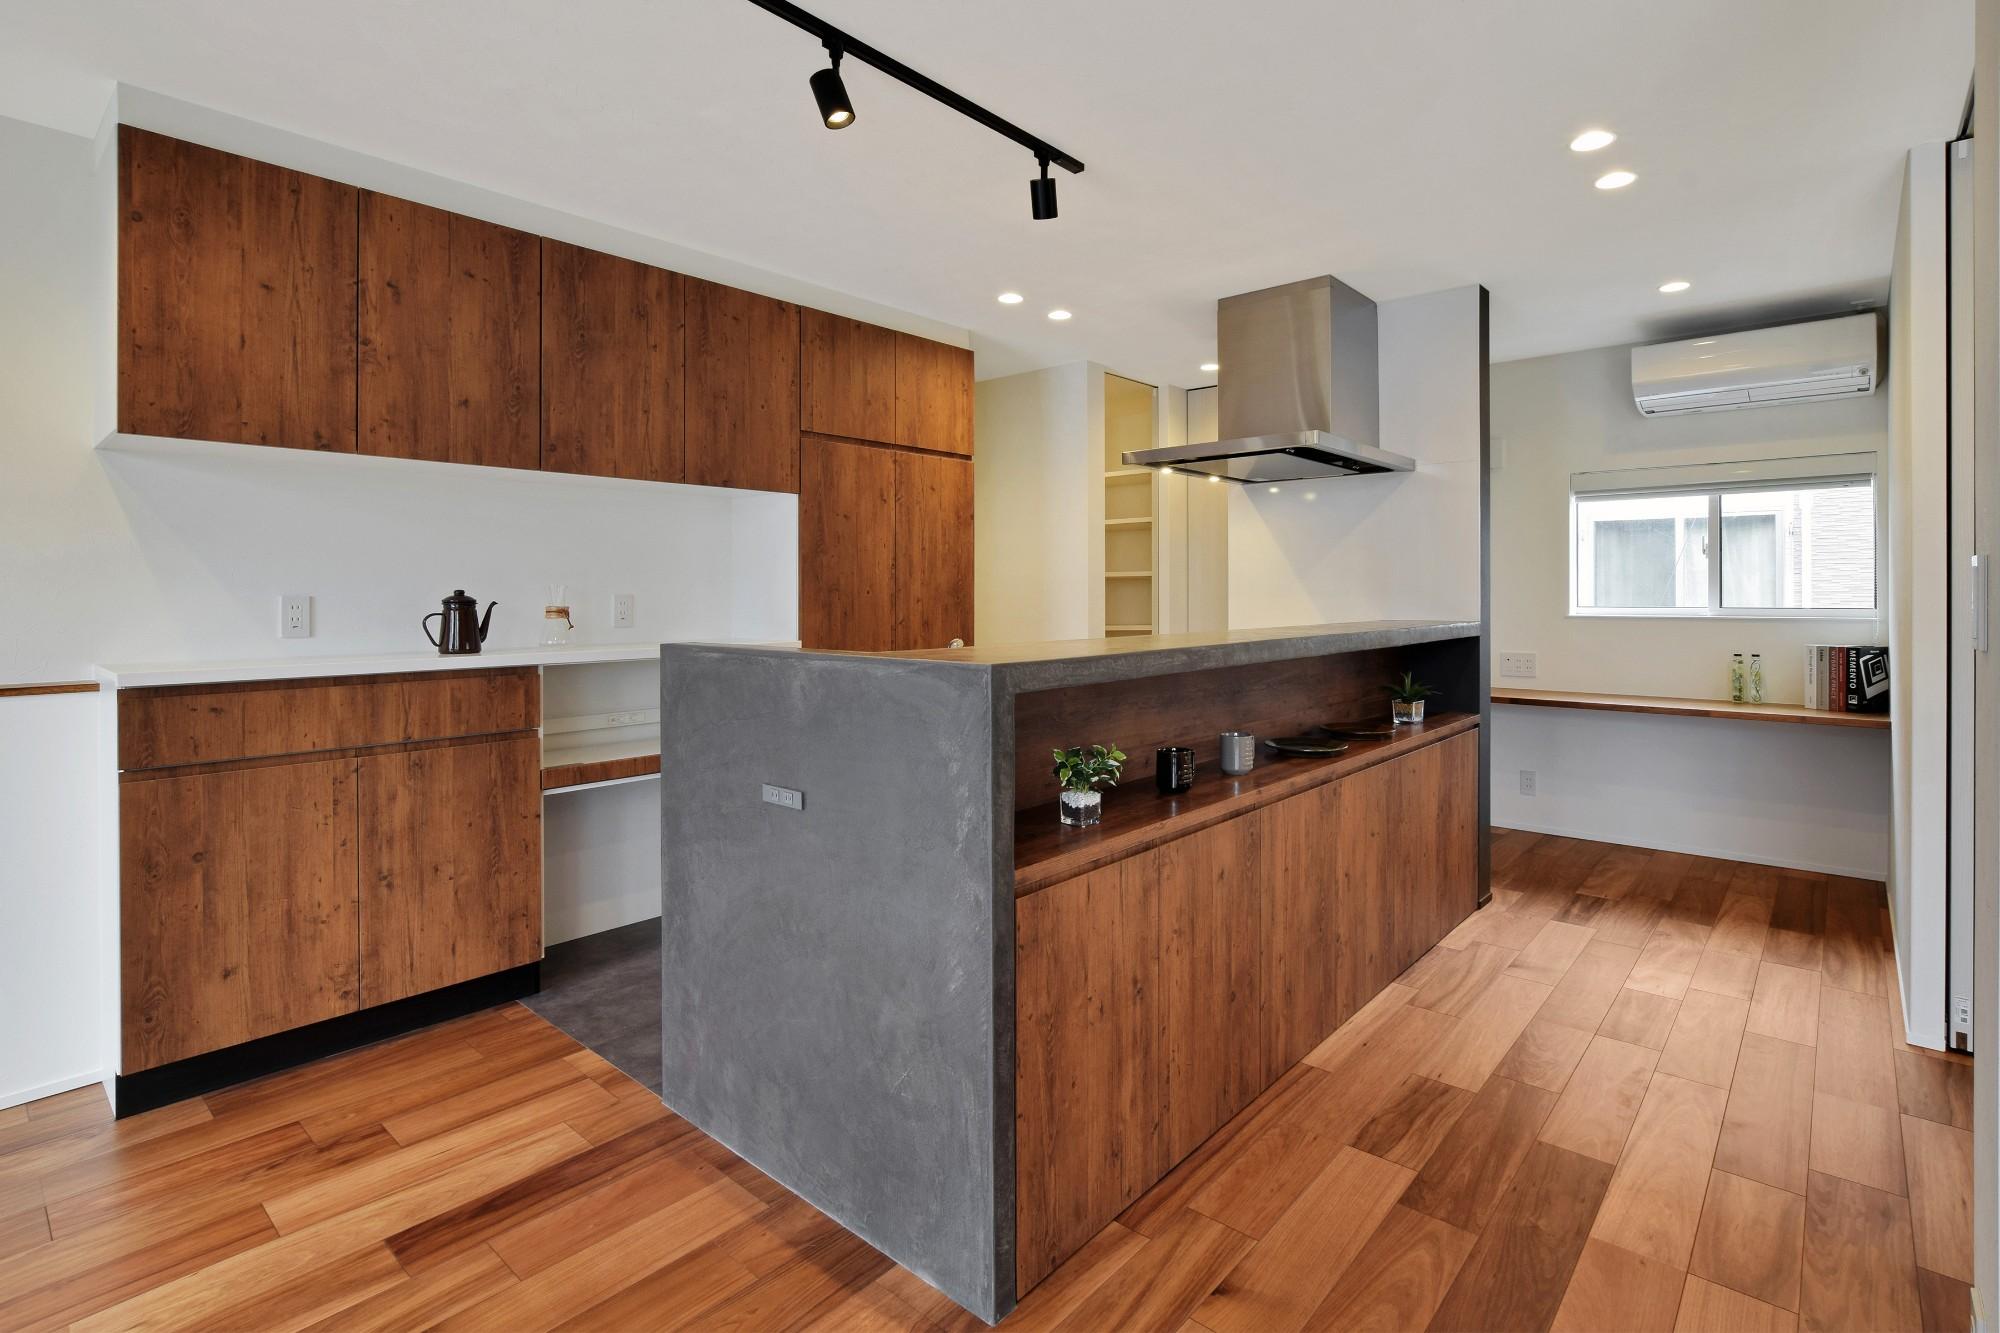 DETAIL HOME(ディテールホーム)「モールテックスキッチンとインテリアにこだわった住まい」のシンプル・ナチュラルなキッチンの実例写真